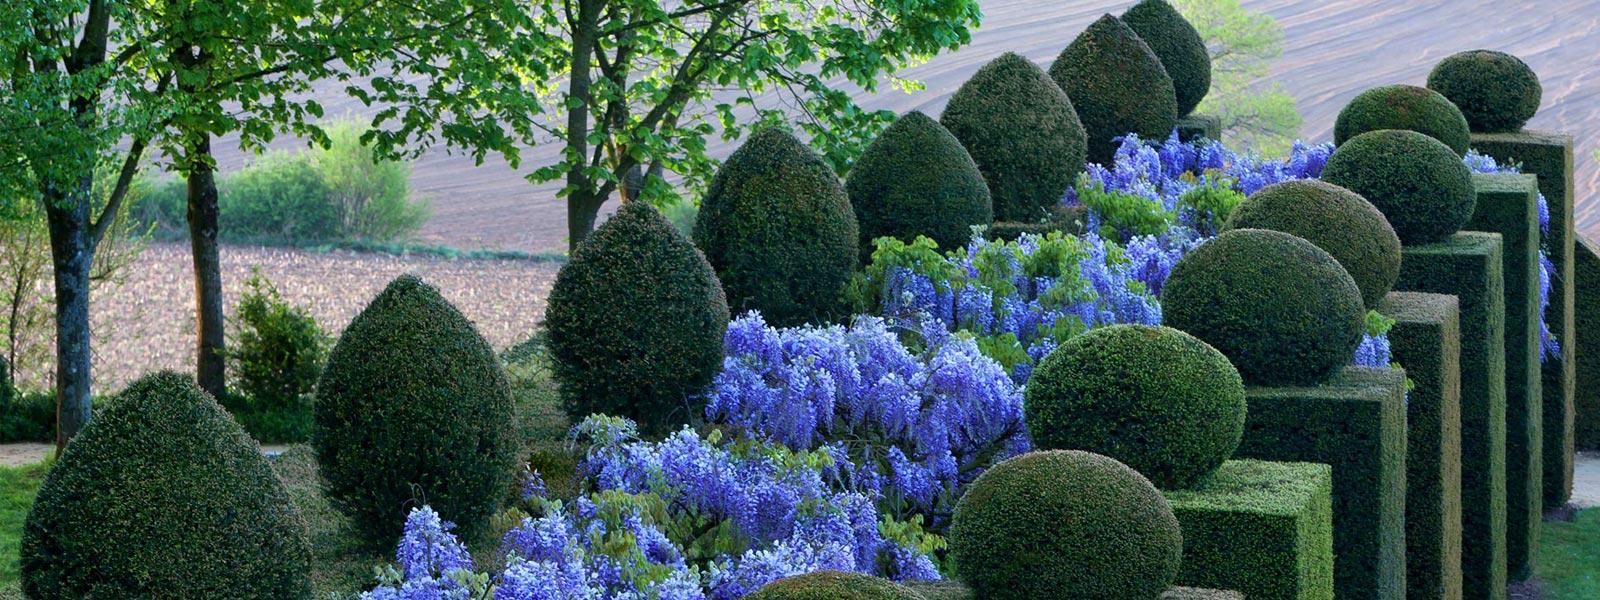 chateau-et-jardins-de-la-ballue-allee-des-glycines